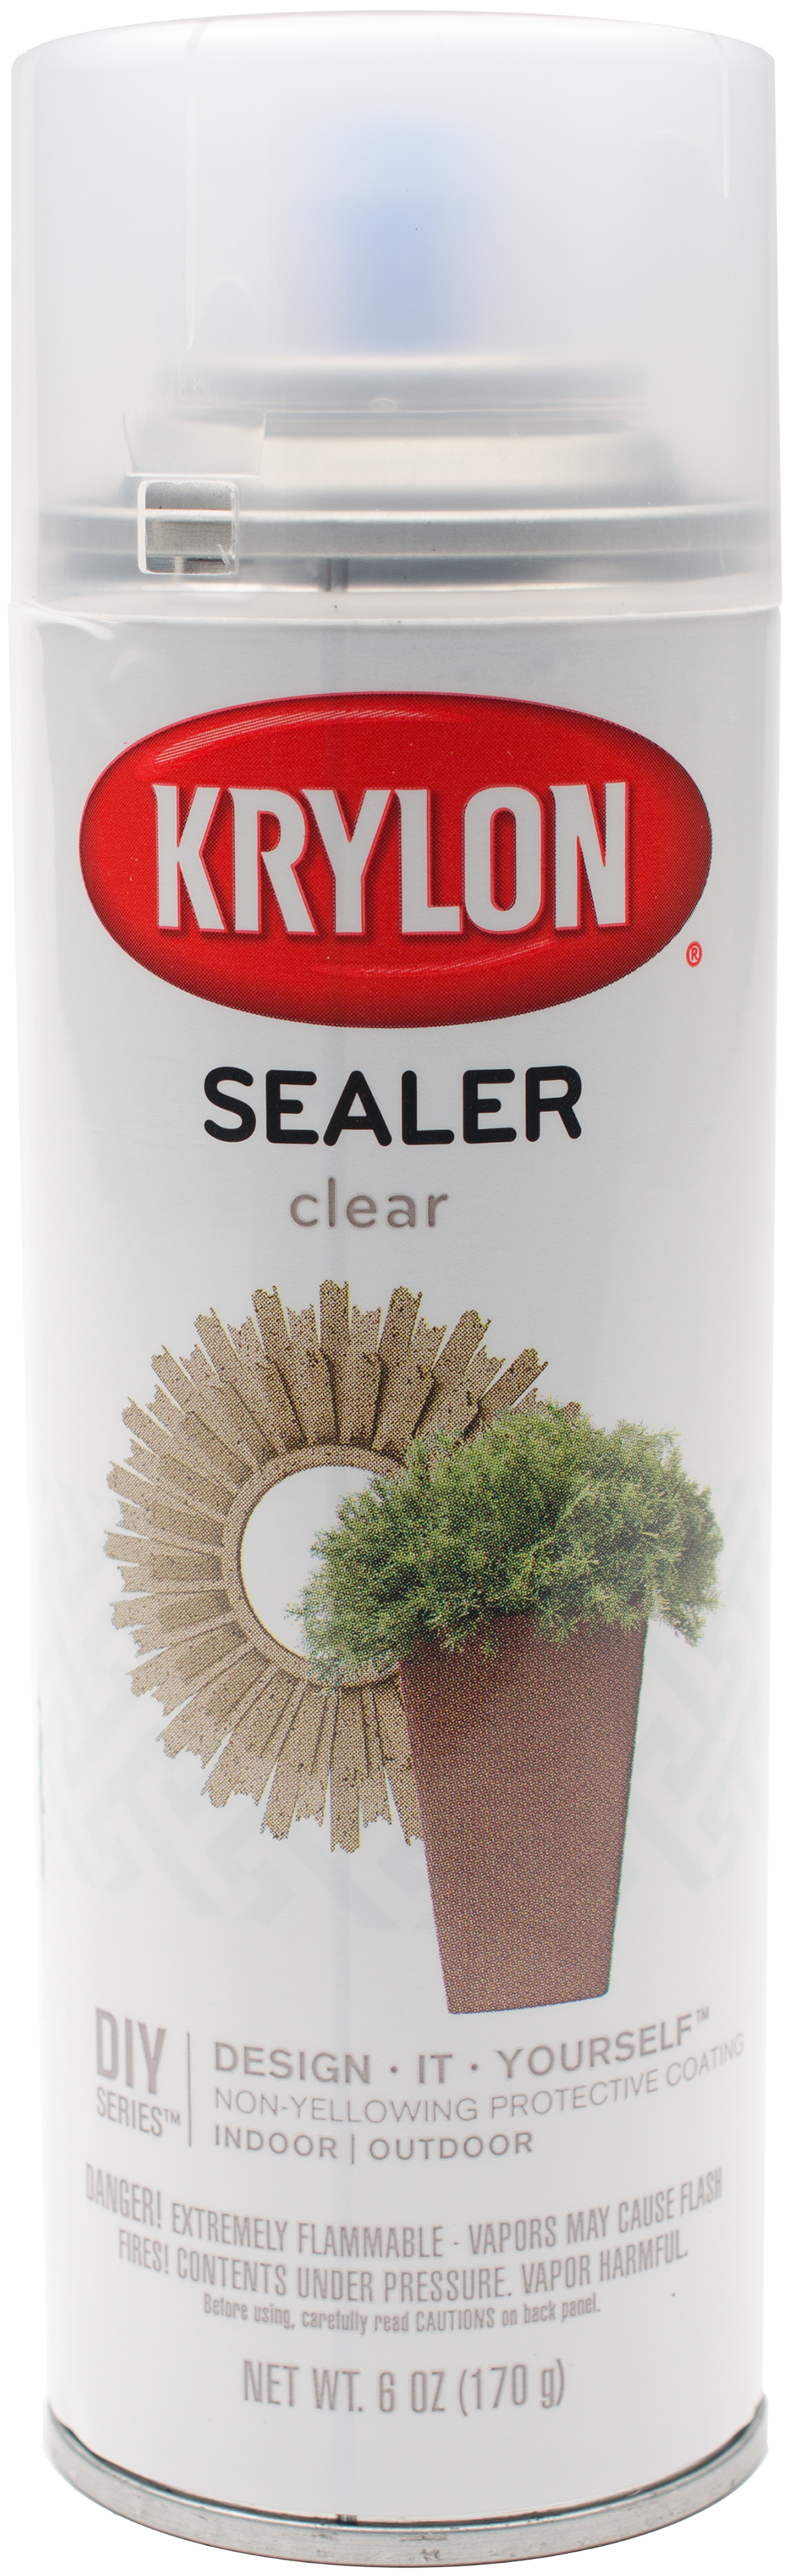 Krylon Clear Sealer Aerosol Spray 6oz-